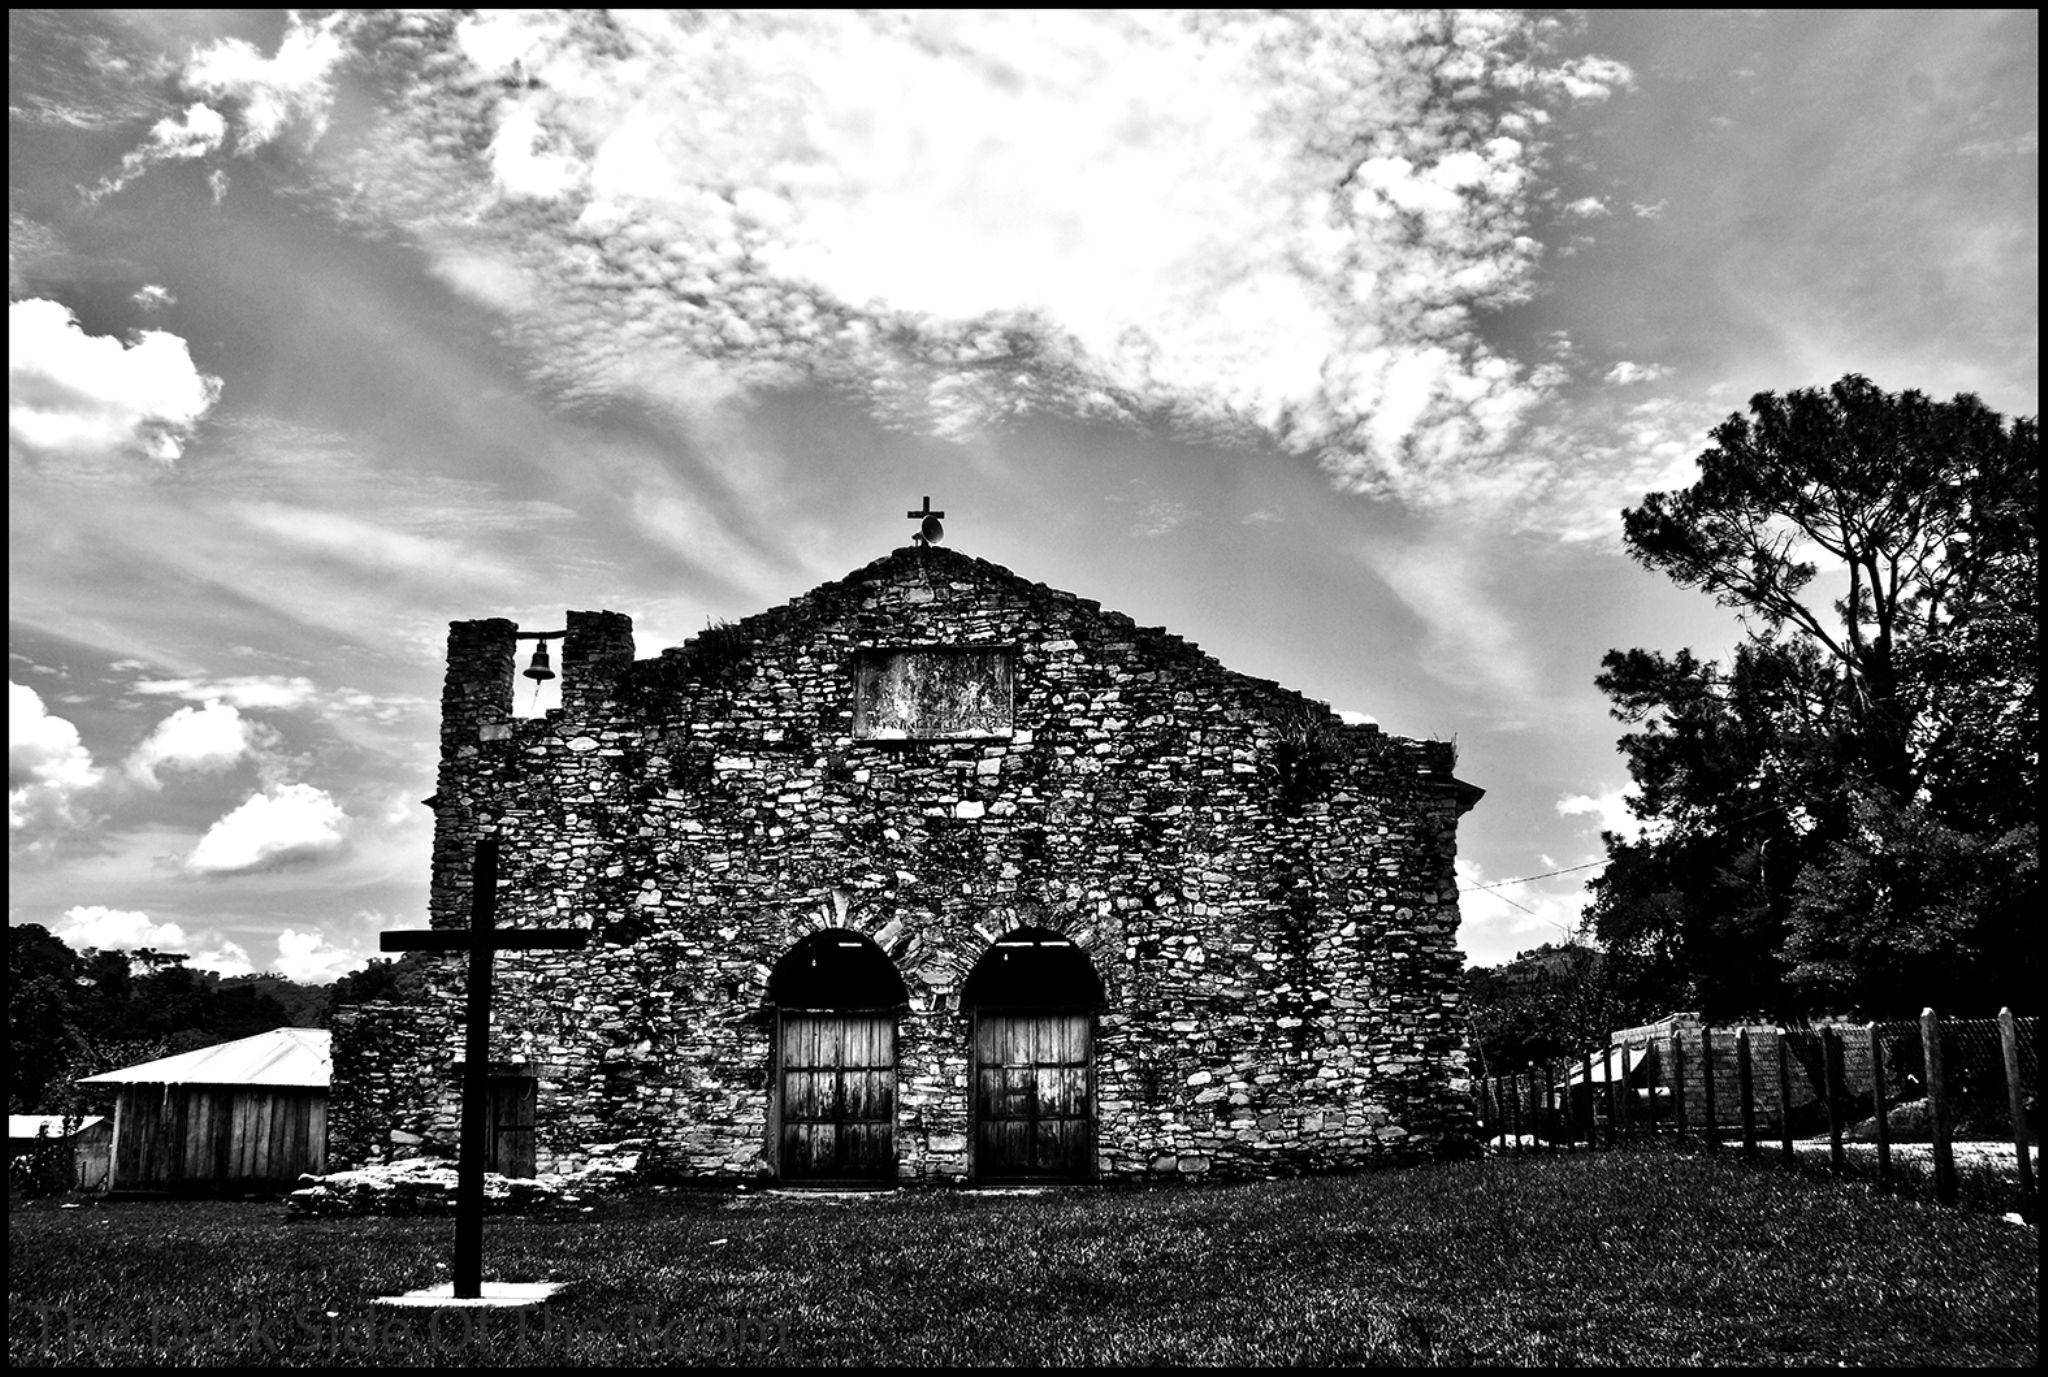 old church by baptisteriethmann